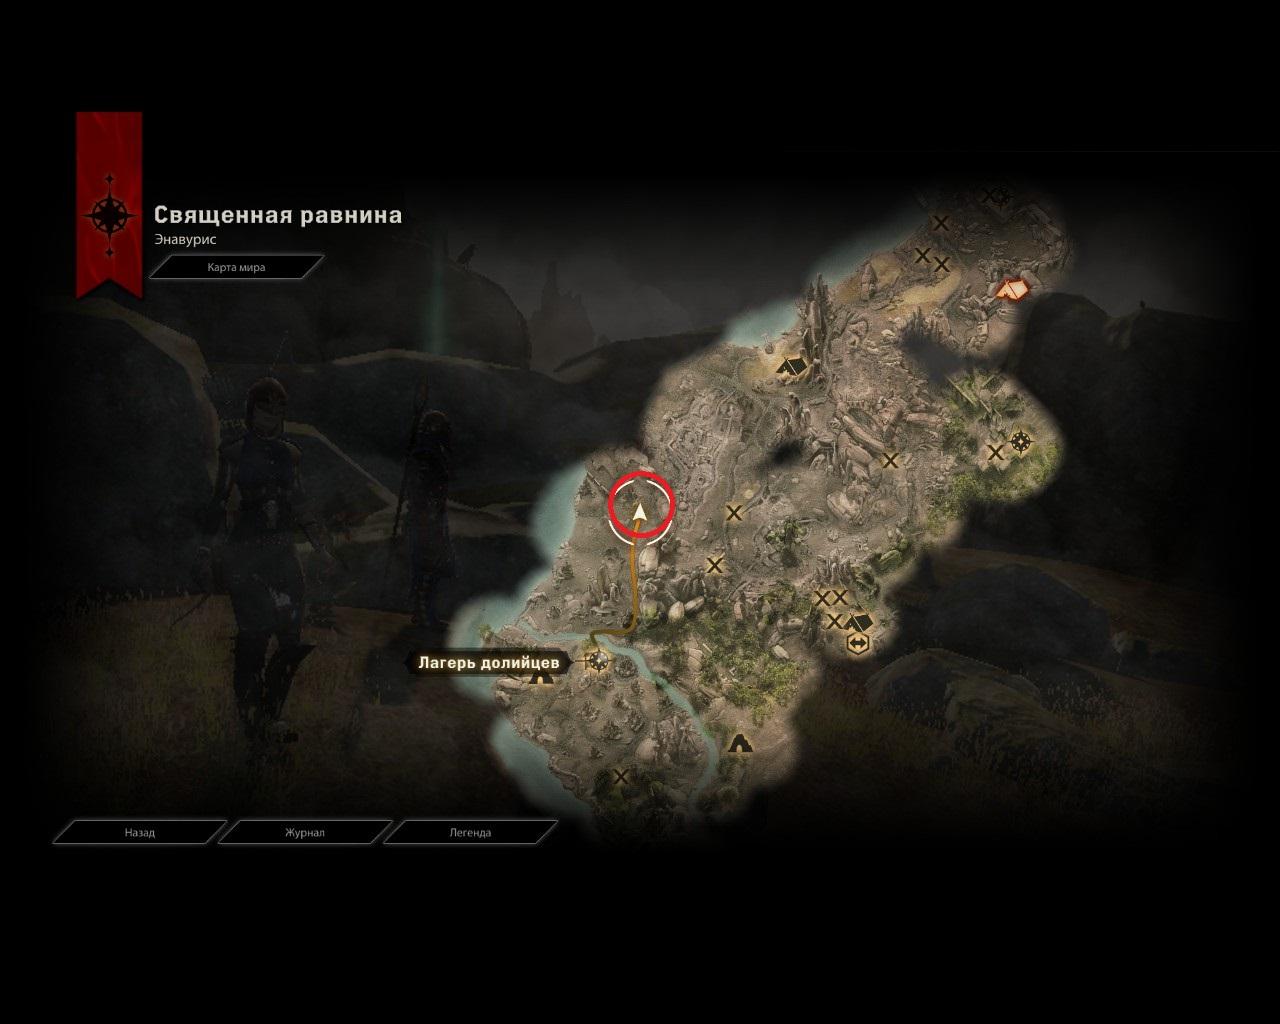 Dragon age inquisition как играть в карты реально бесплатно играть в игровые автоматы admiralnovomatic